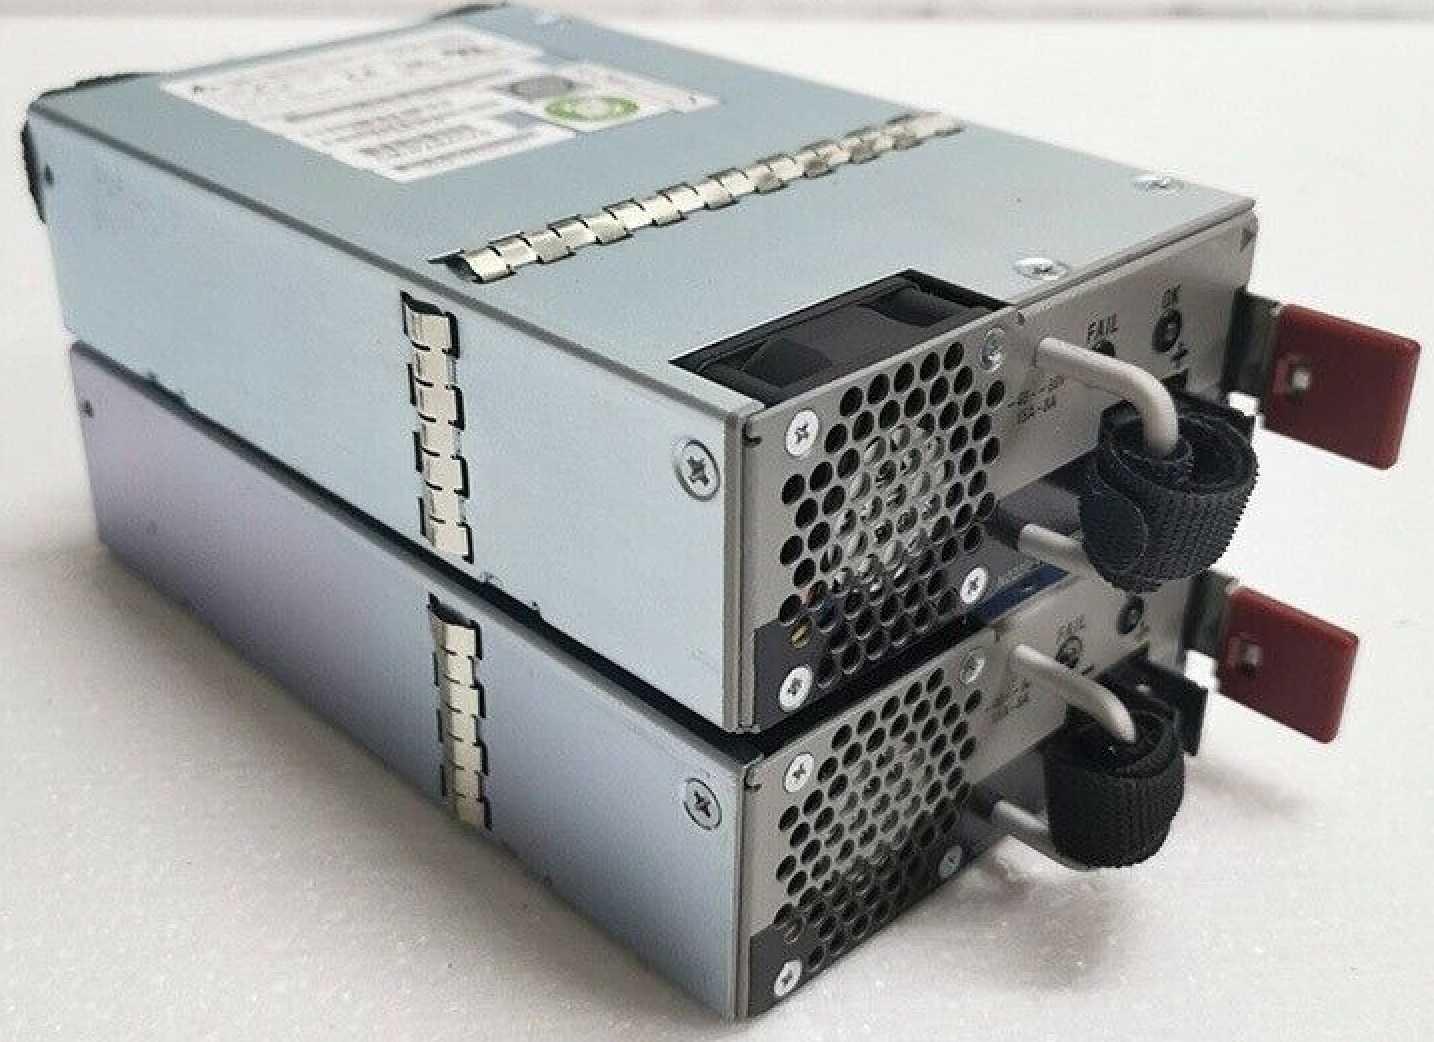 PAC-600WA-B   600W交流  华为 S6720系列万兆交换机专用电源模块PDC-650WA-BE 华为S5720-PWR系列交换机专用650W直流PoE电源模块PAC-500WA-BE华为S5720系列专用500W交流POE电源模块